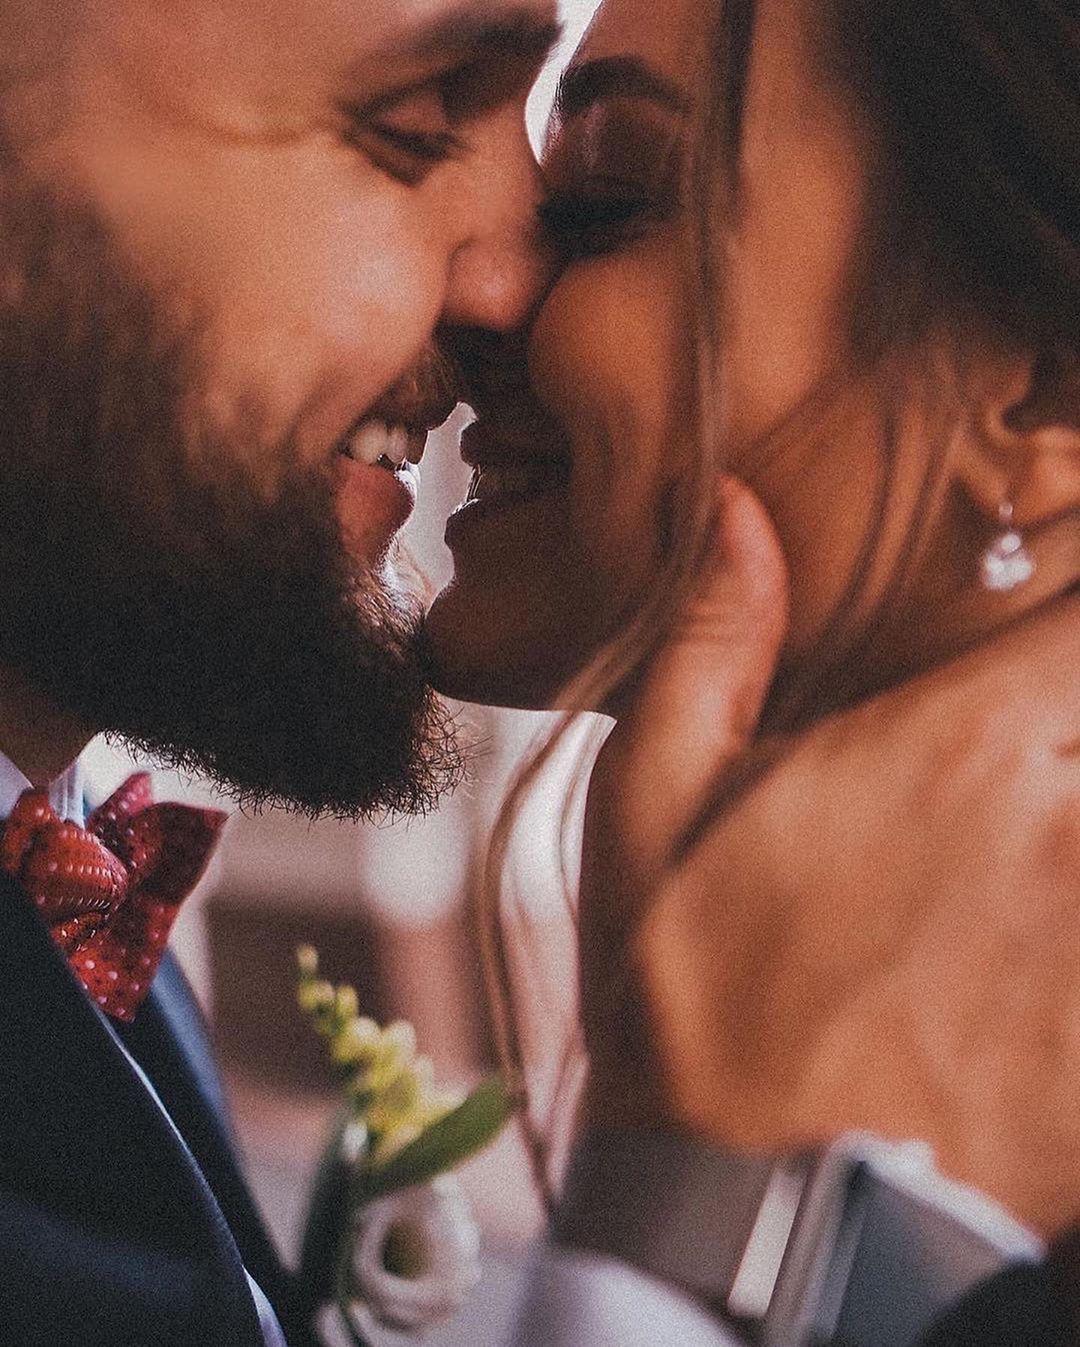 Wedding Photography Gorgeous Couple Couple Photography Photo